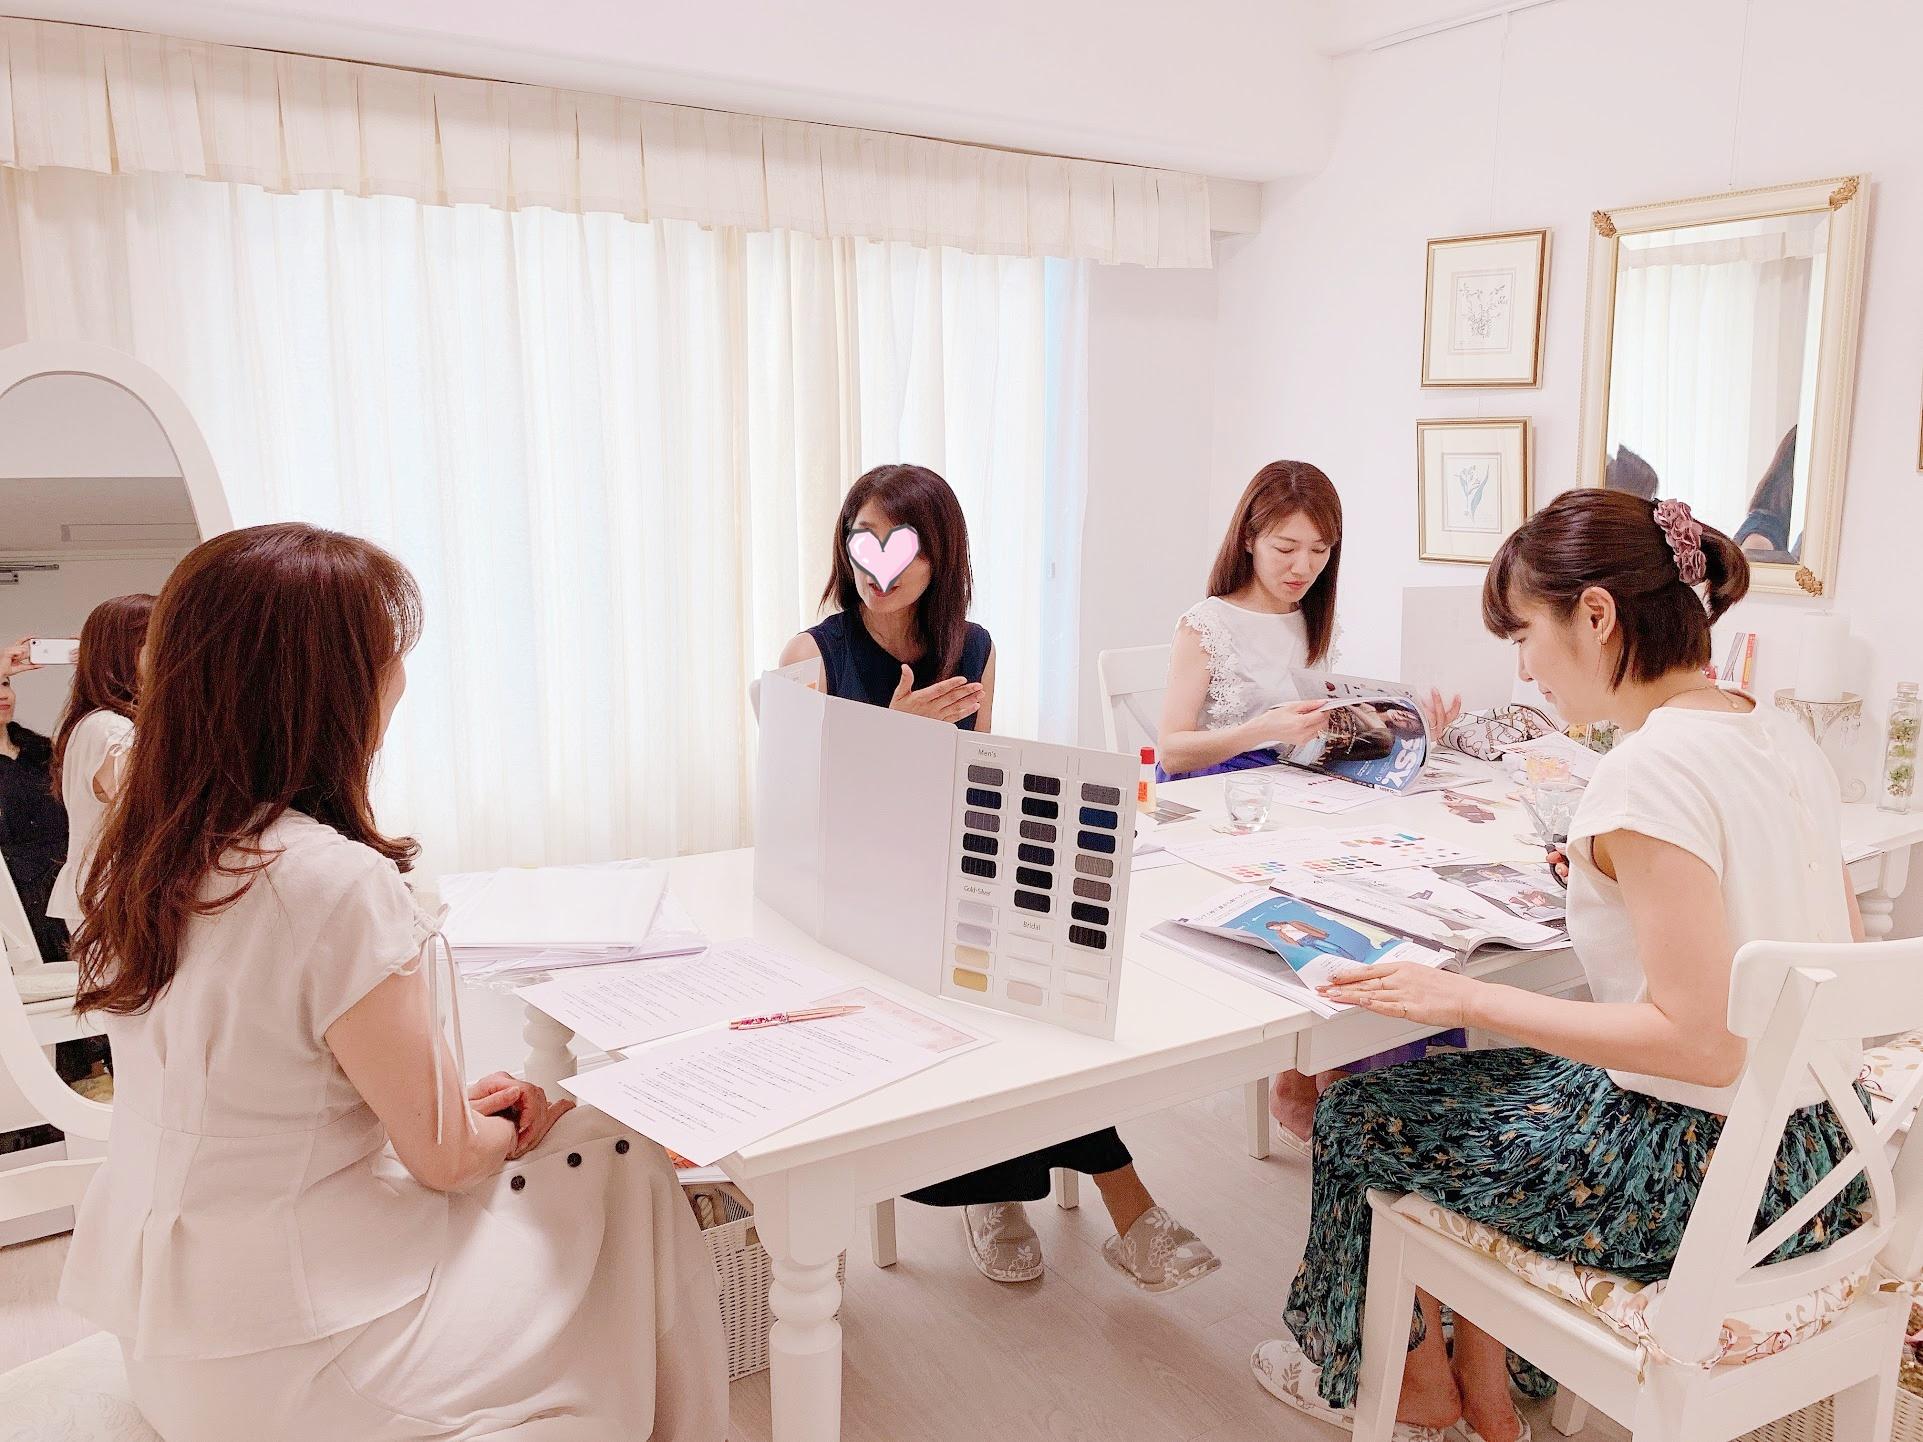 パーソナルカラーを学ぶなら東京青山のサロン・ド・ルミエール 海保麻里子担当☆初めてのパーソナルカラーレッスン